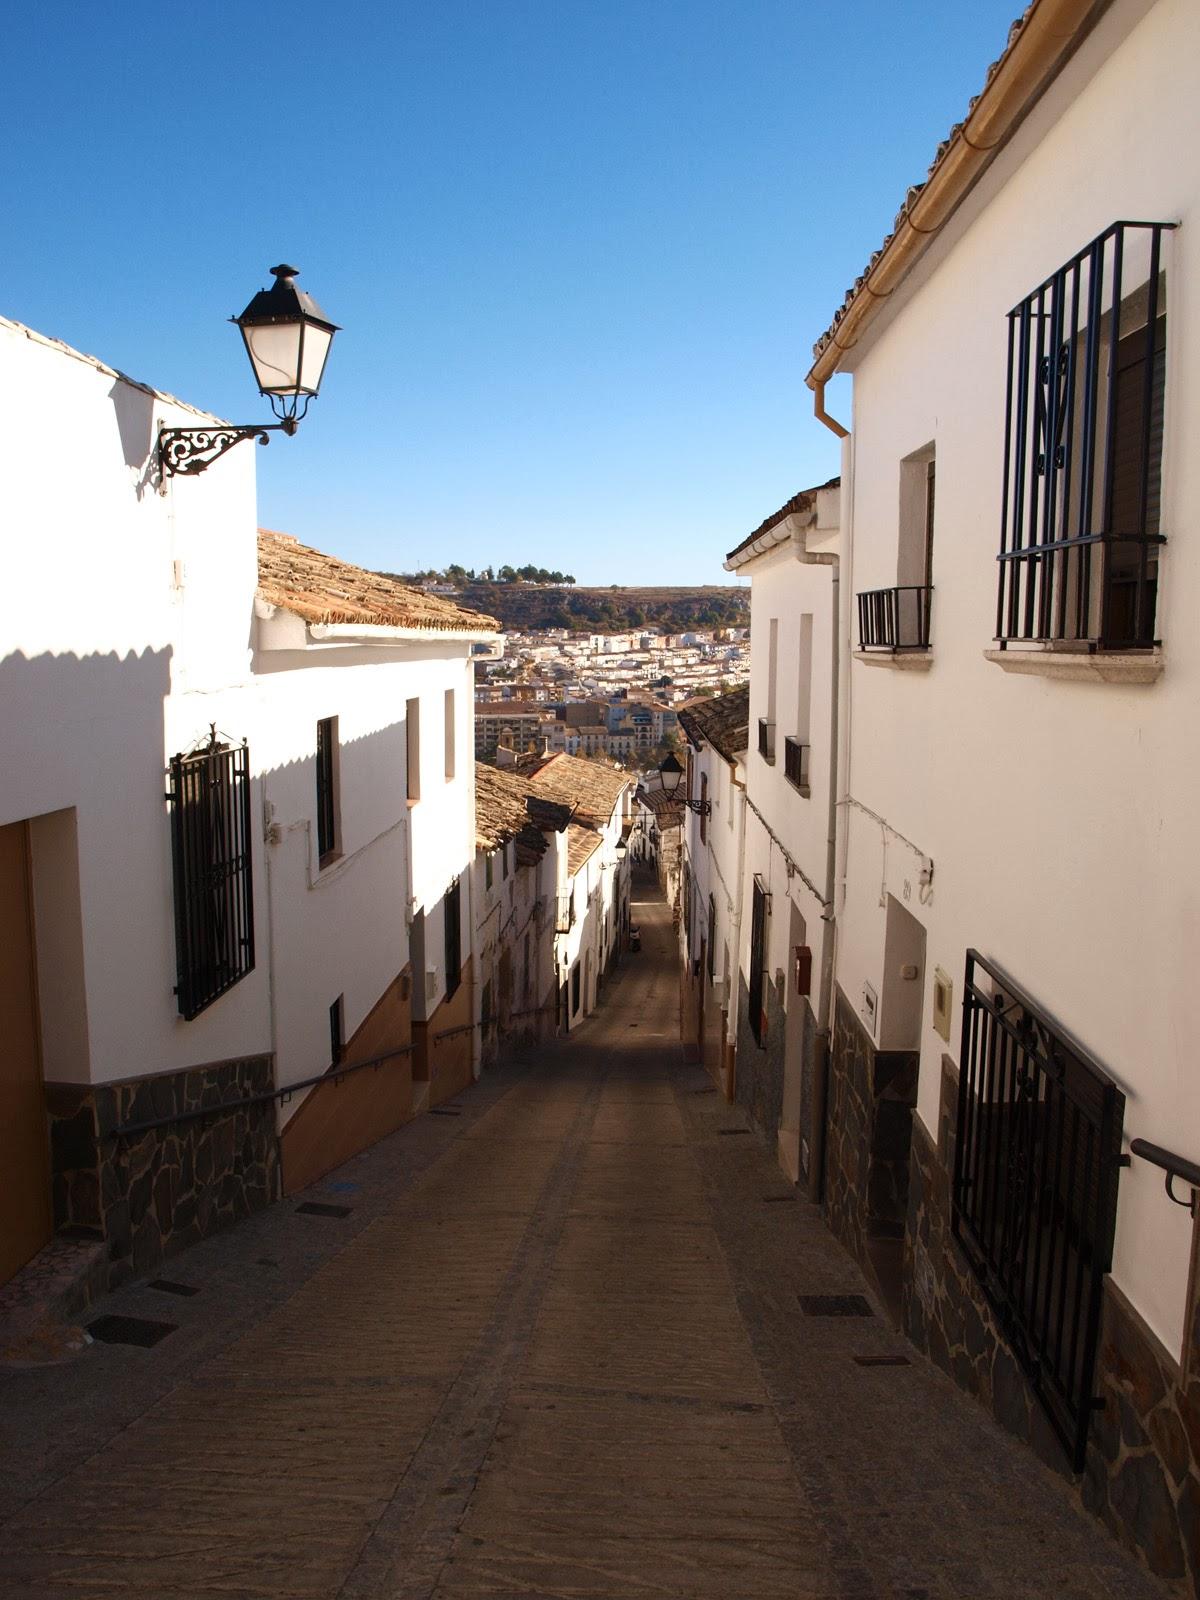 Caminando por sierras y calles de andaluc a alcal la - Spa alcala la real ...